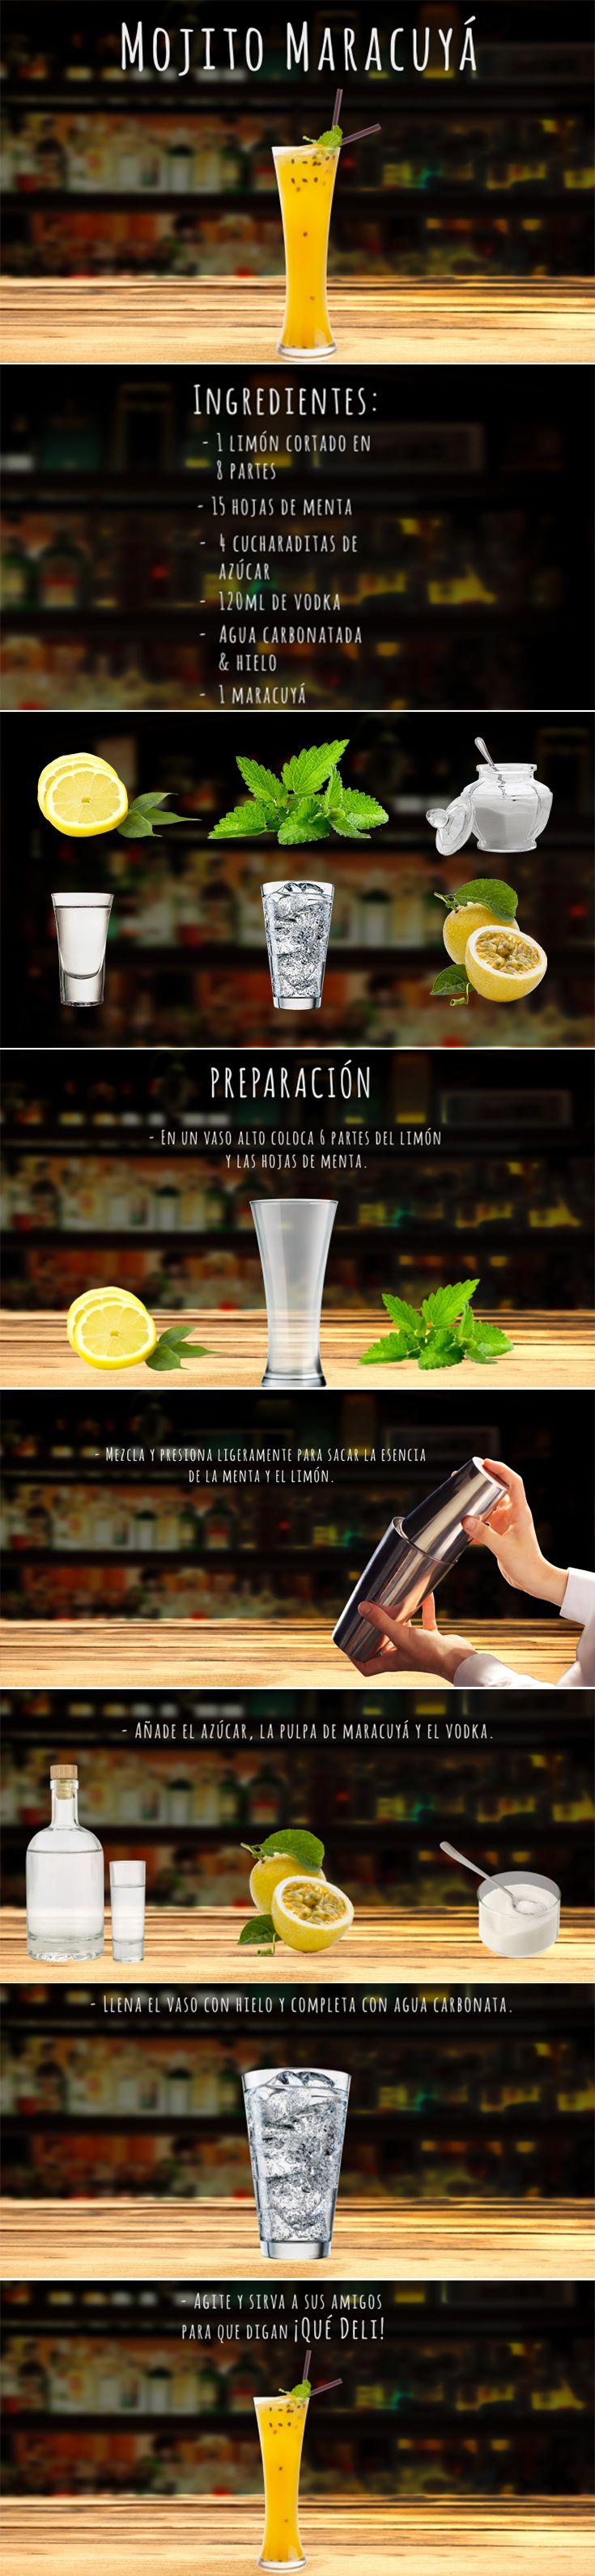 Lúcete con este fácil y apasionante coctel. #DateElGusto  Ingredientes:  -1 limón -15 hojas de menta -4 cucharaditas de azúcar  - 120ml de vodka - Agua carbonatada - Hielo - 1 Maracuyá  Preparación: En un vaso alto coloca 6 partes del limón y las hojas de menta. Mezcla y presiona ligeramente para sacar la esencia de la menta y el limón. Añade el azúcar, la pulpa de maracuyá y el vodka. Llena el vaso con hielo y completa con agua carbonata. Agite y sirva a sus amigos para que digan ¡Qué Deli!